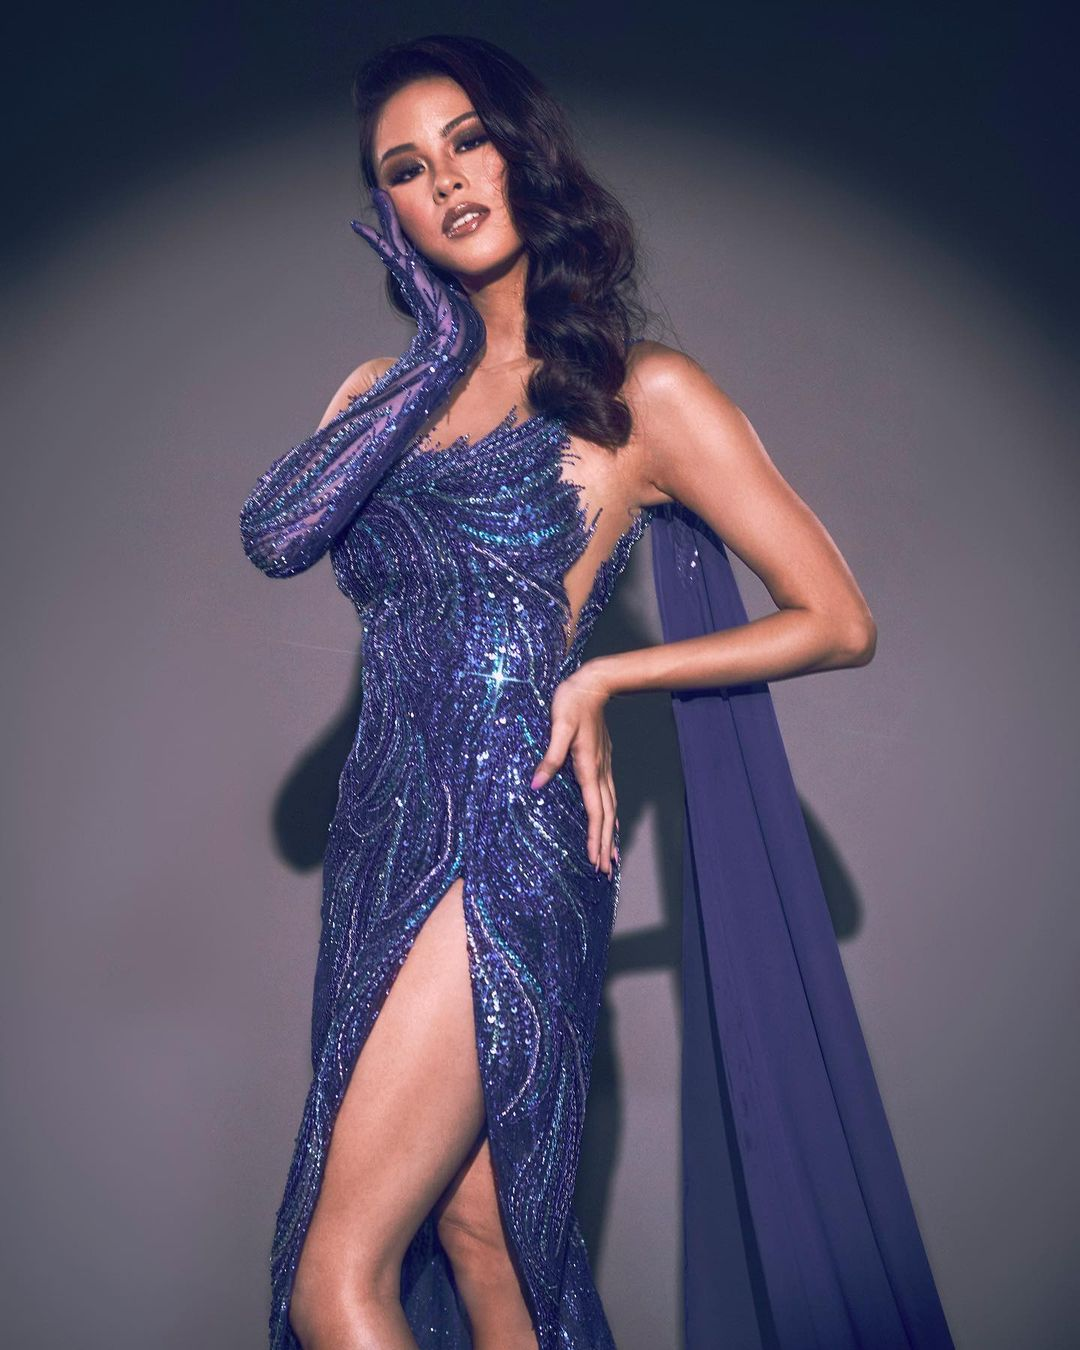 kisses-delavin-miss-universe-2021-gown